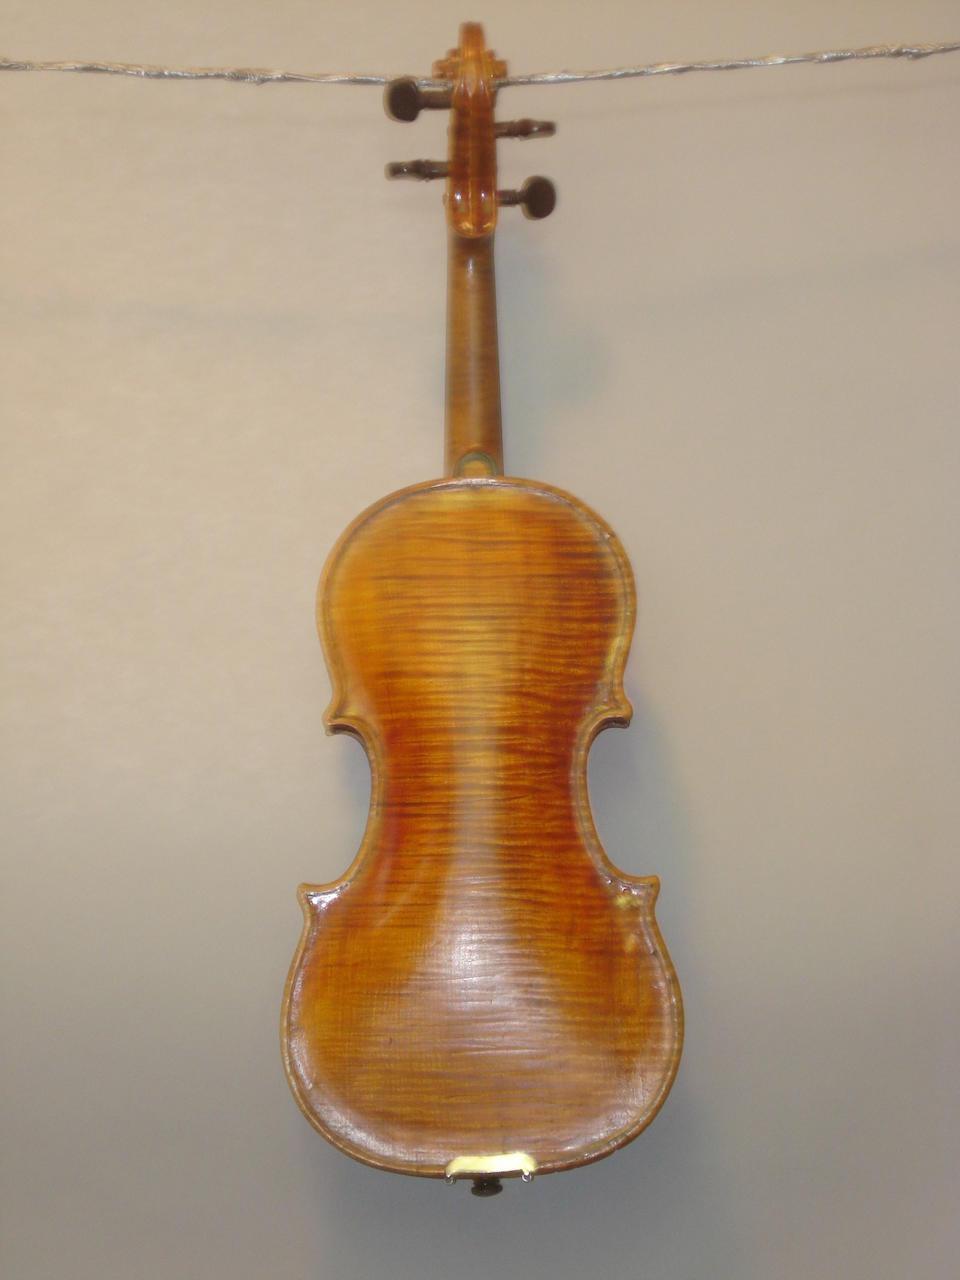 A Violin of some quality circa 1800